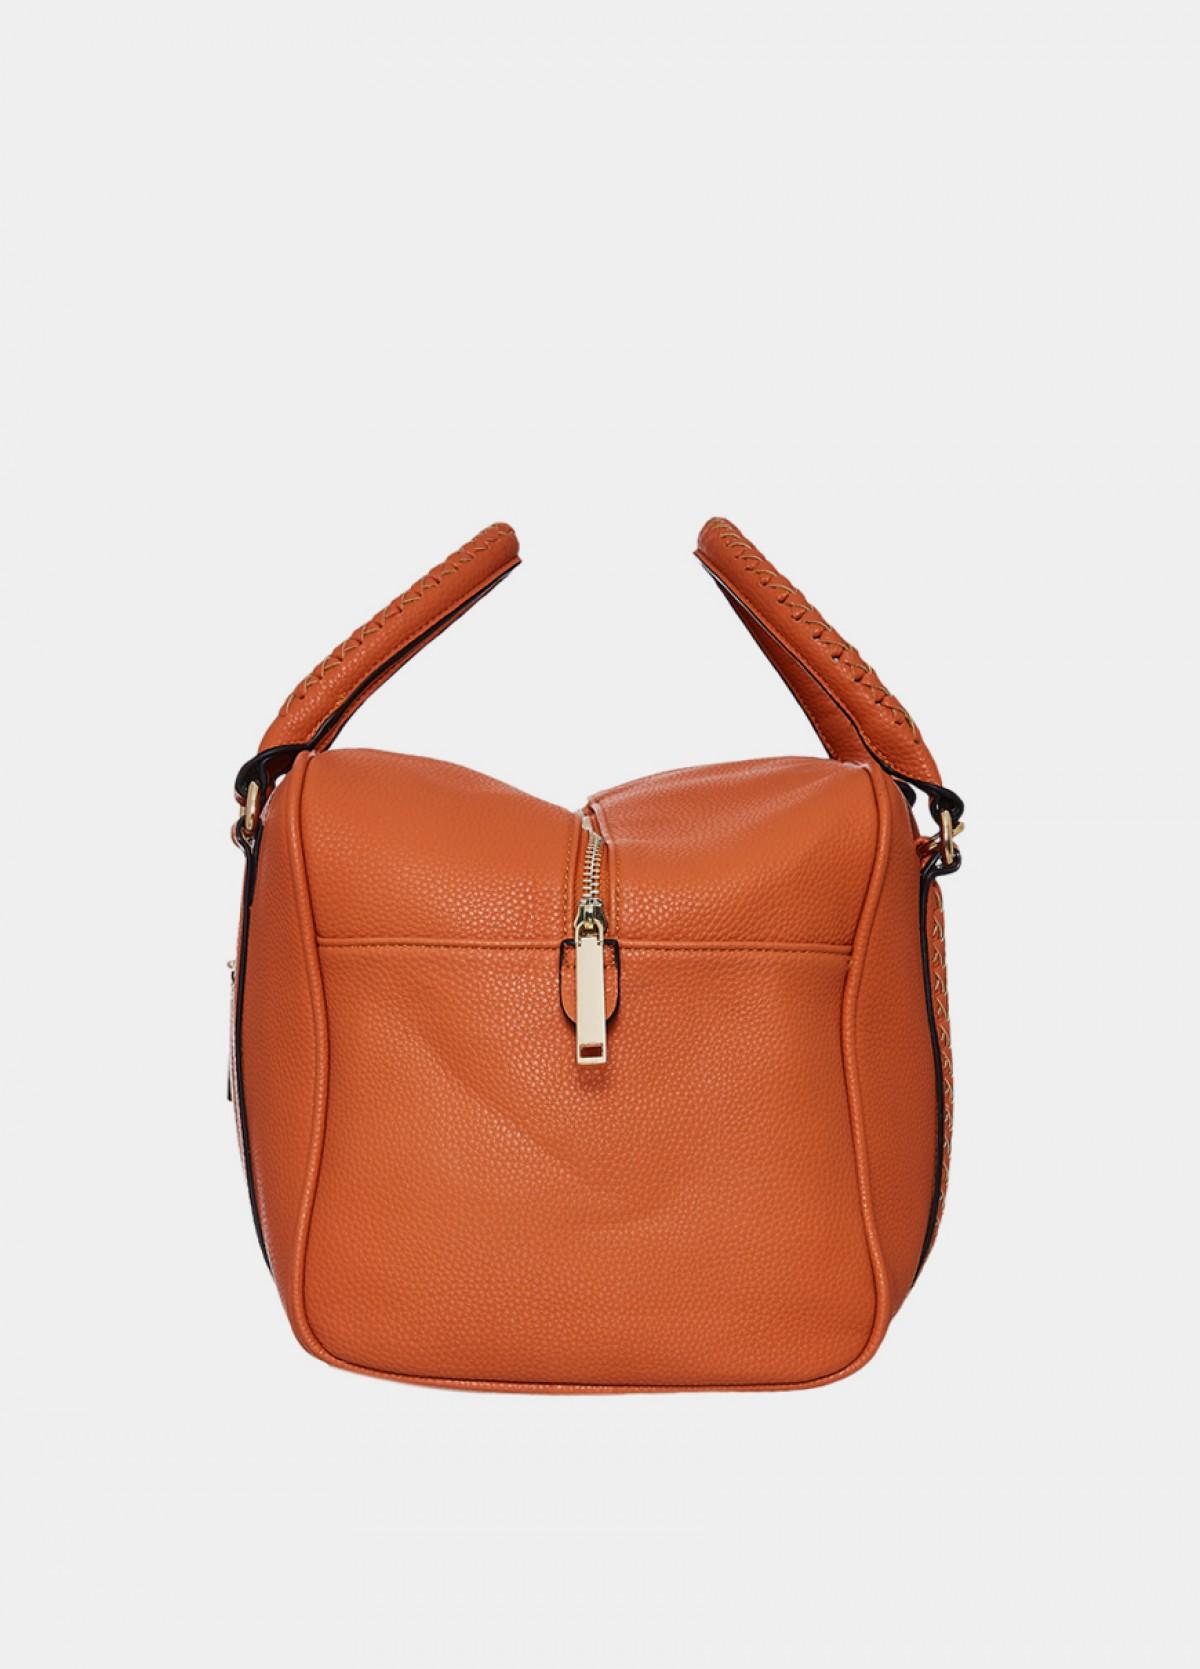 The Orange Shoulder Handbag